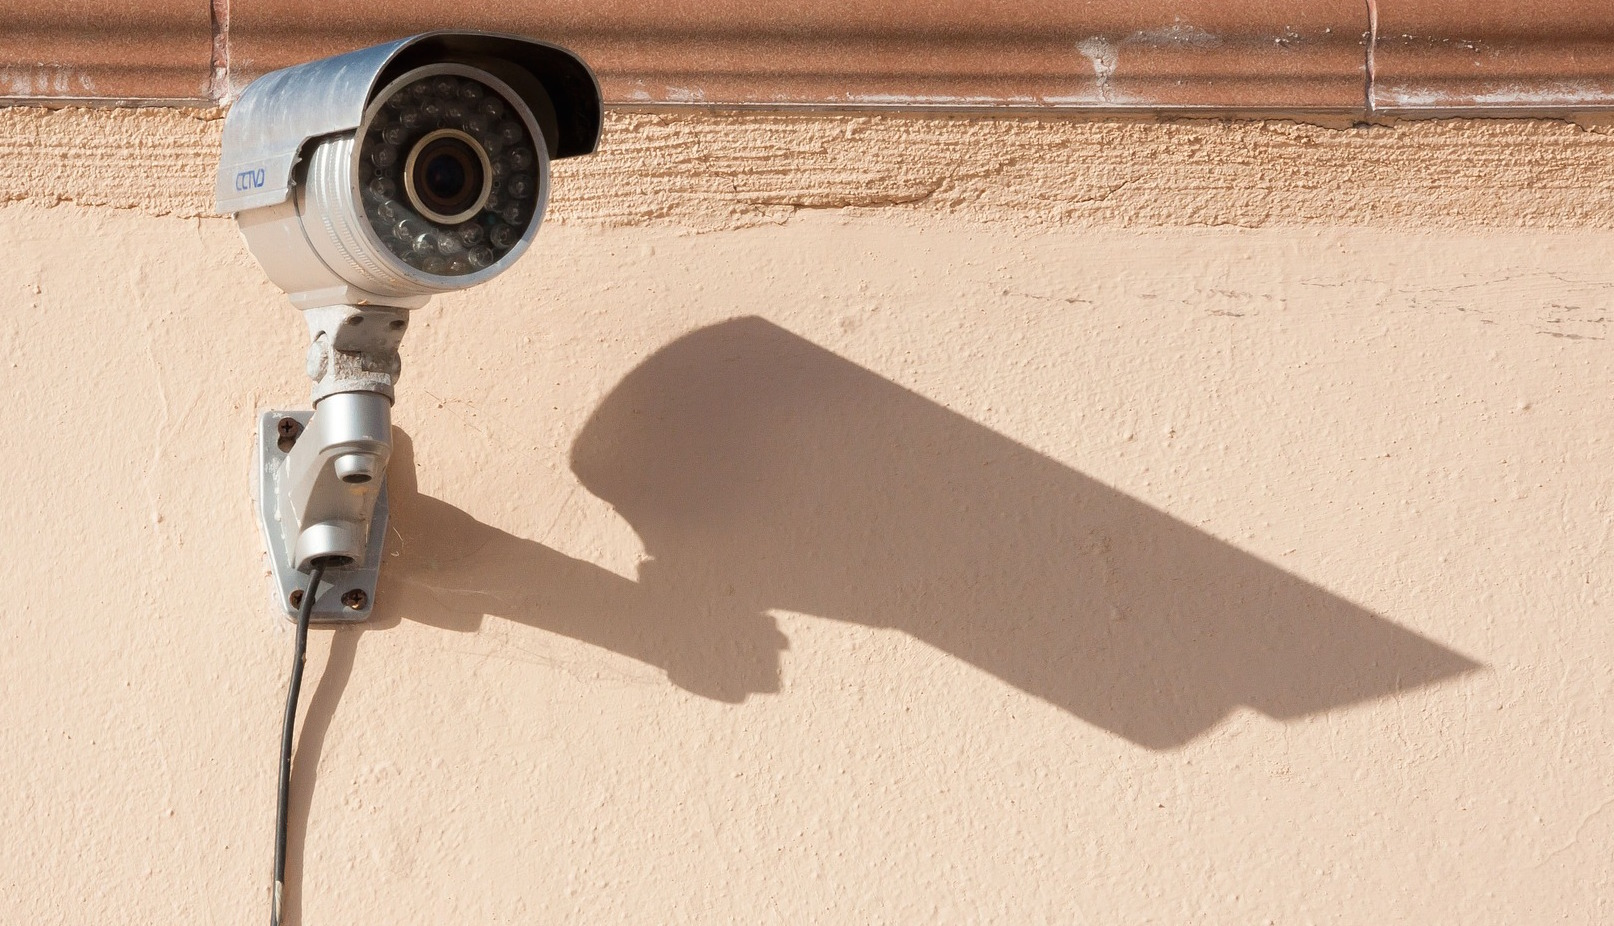 Privacy e videosorveglianza: alcune domande ricorrenti